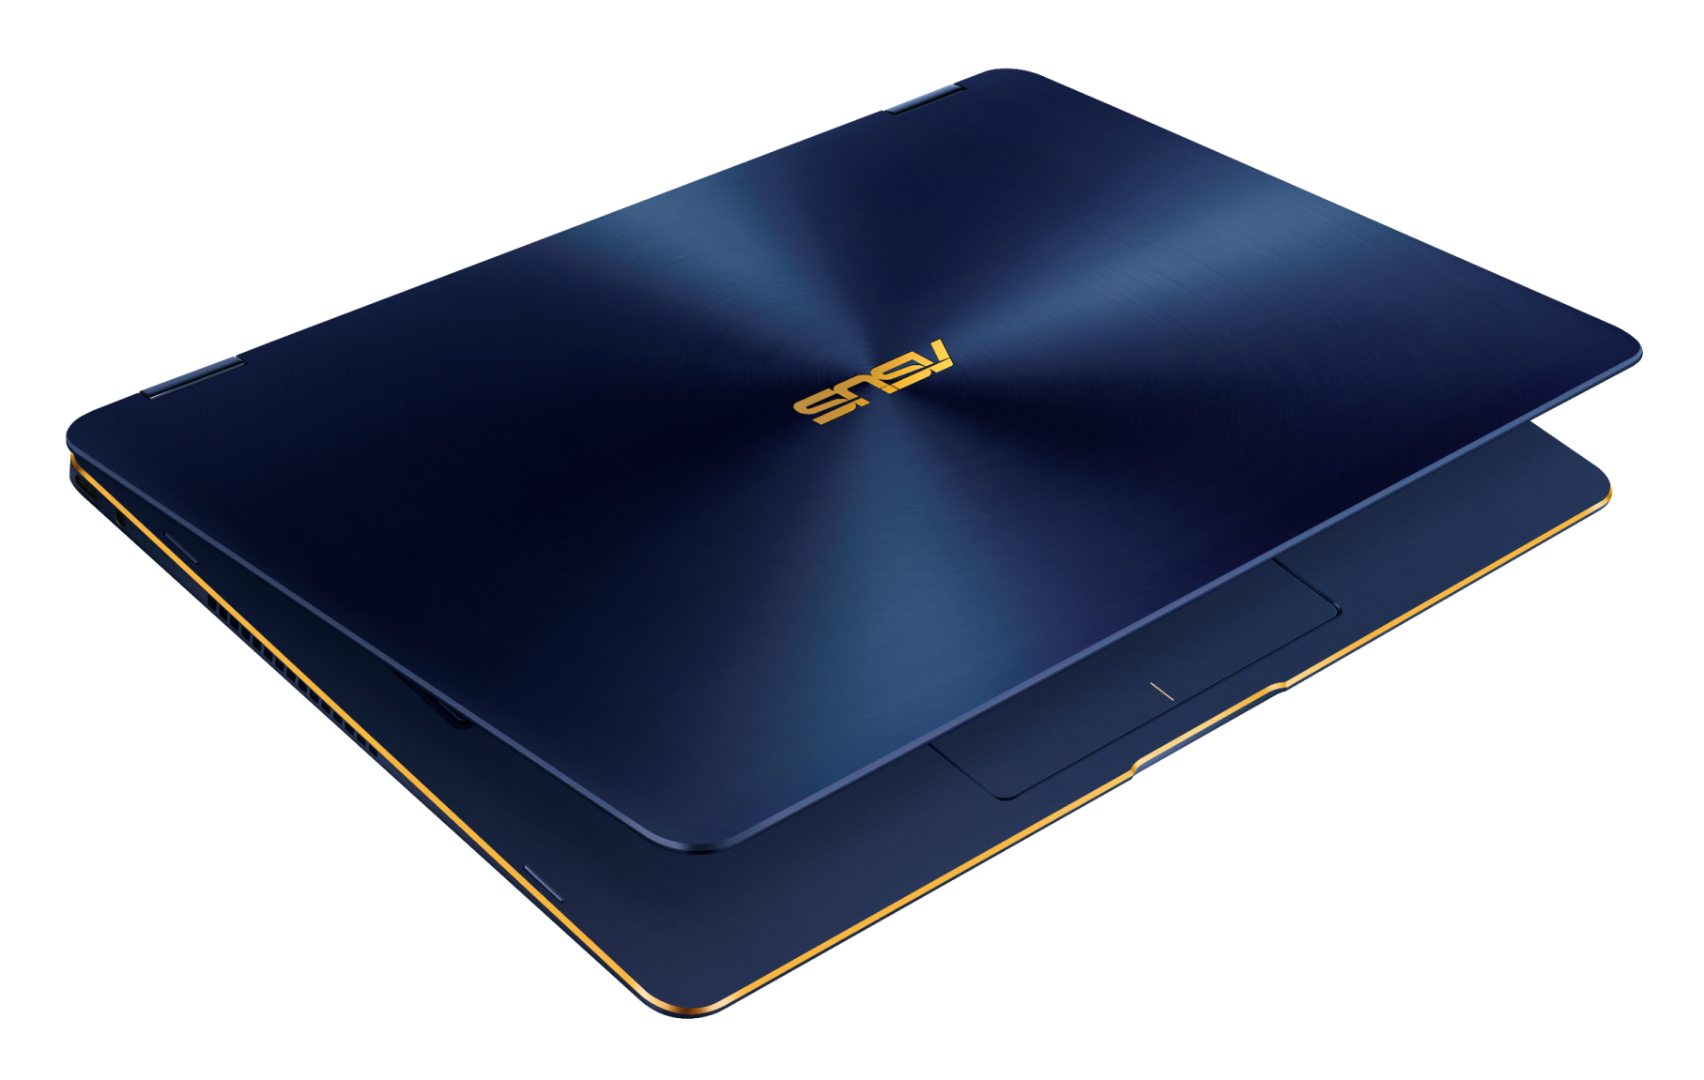 ASUS ZenBook Flip S претендует за звание самого тонкого перевертыша